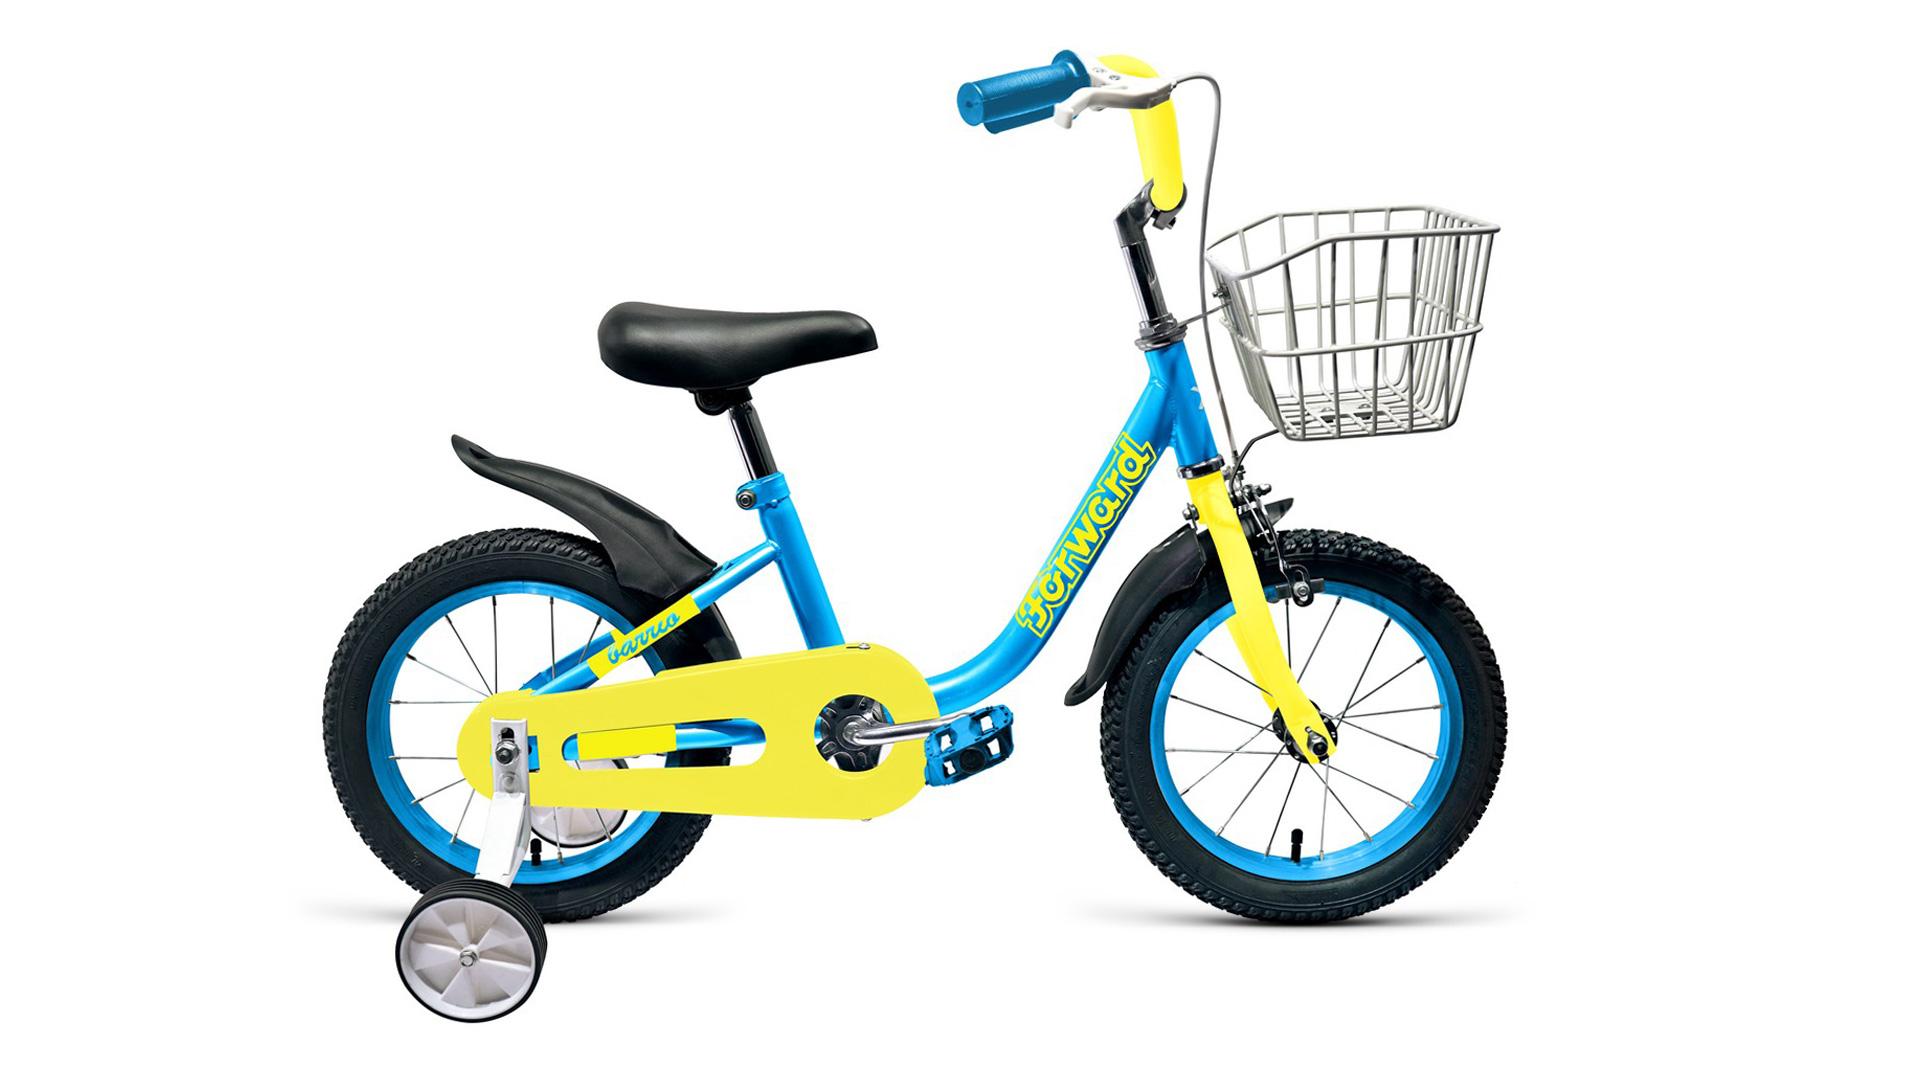 Велосипед Forward Barrio, голубойRBKW9L6H1014Велосипед, предназначенный для детей, без переключения передач. Подходит для обучения и прогулочного катания в городских условиях.